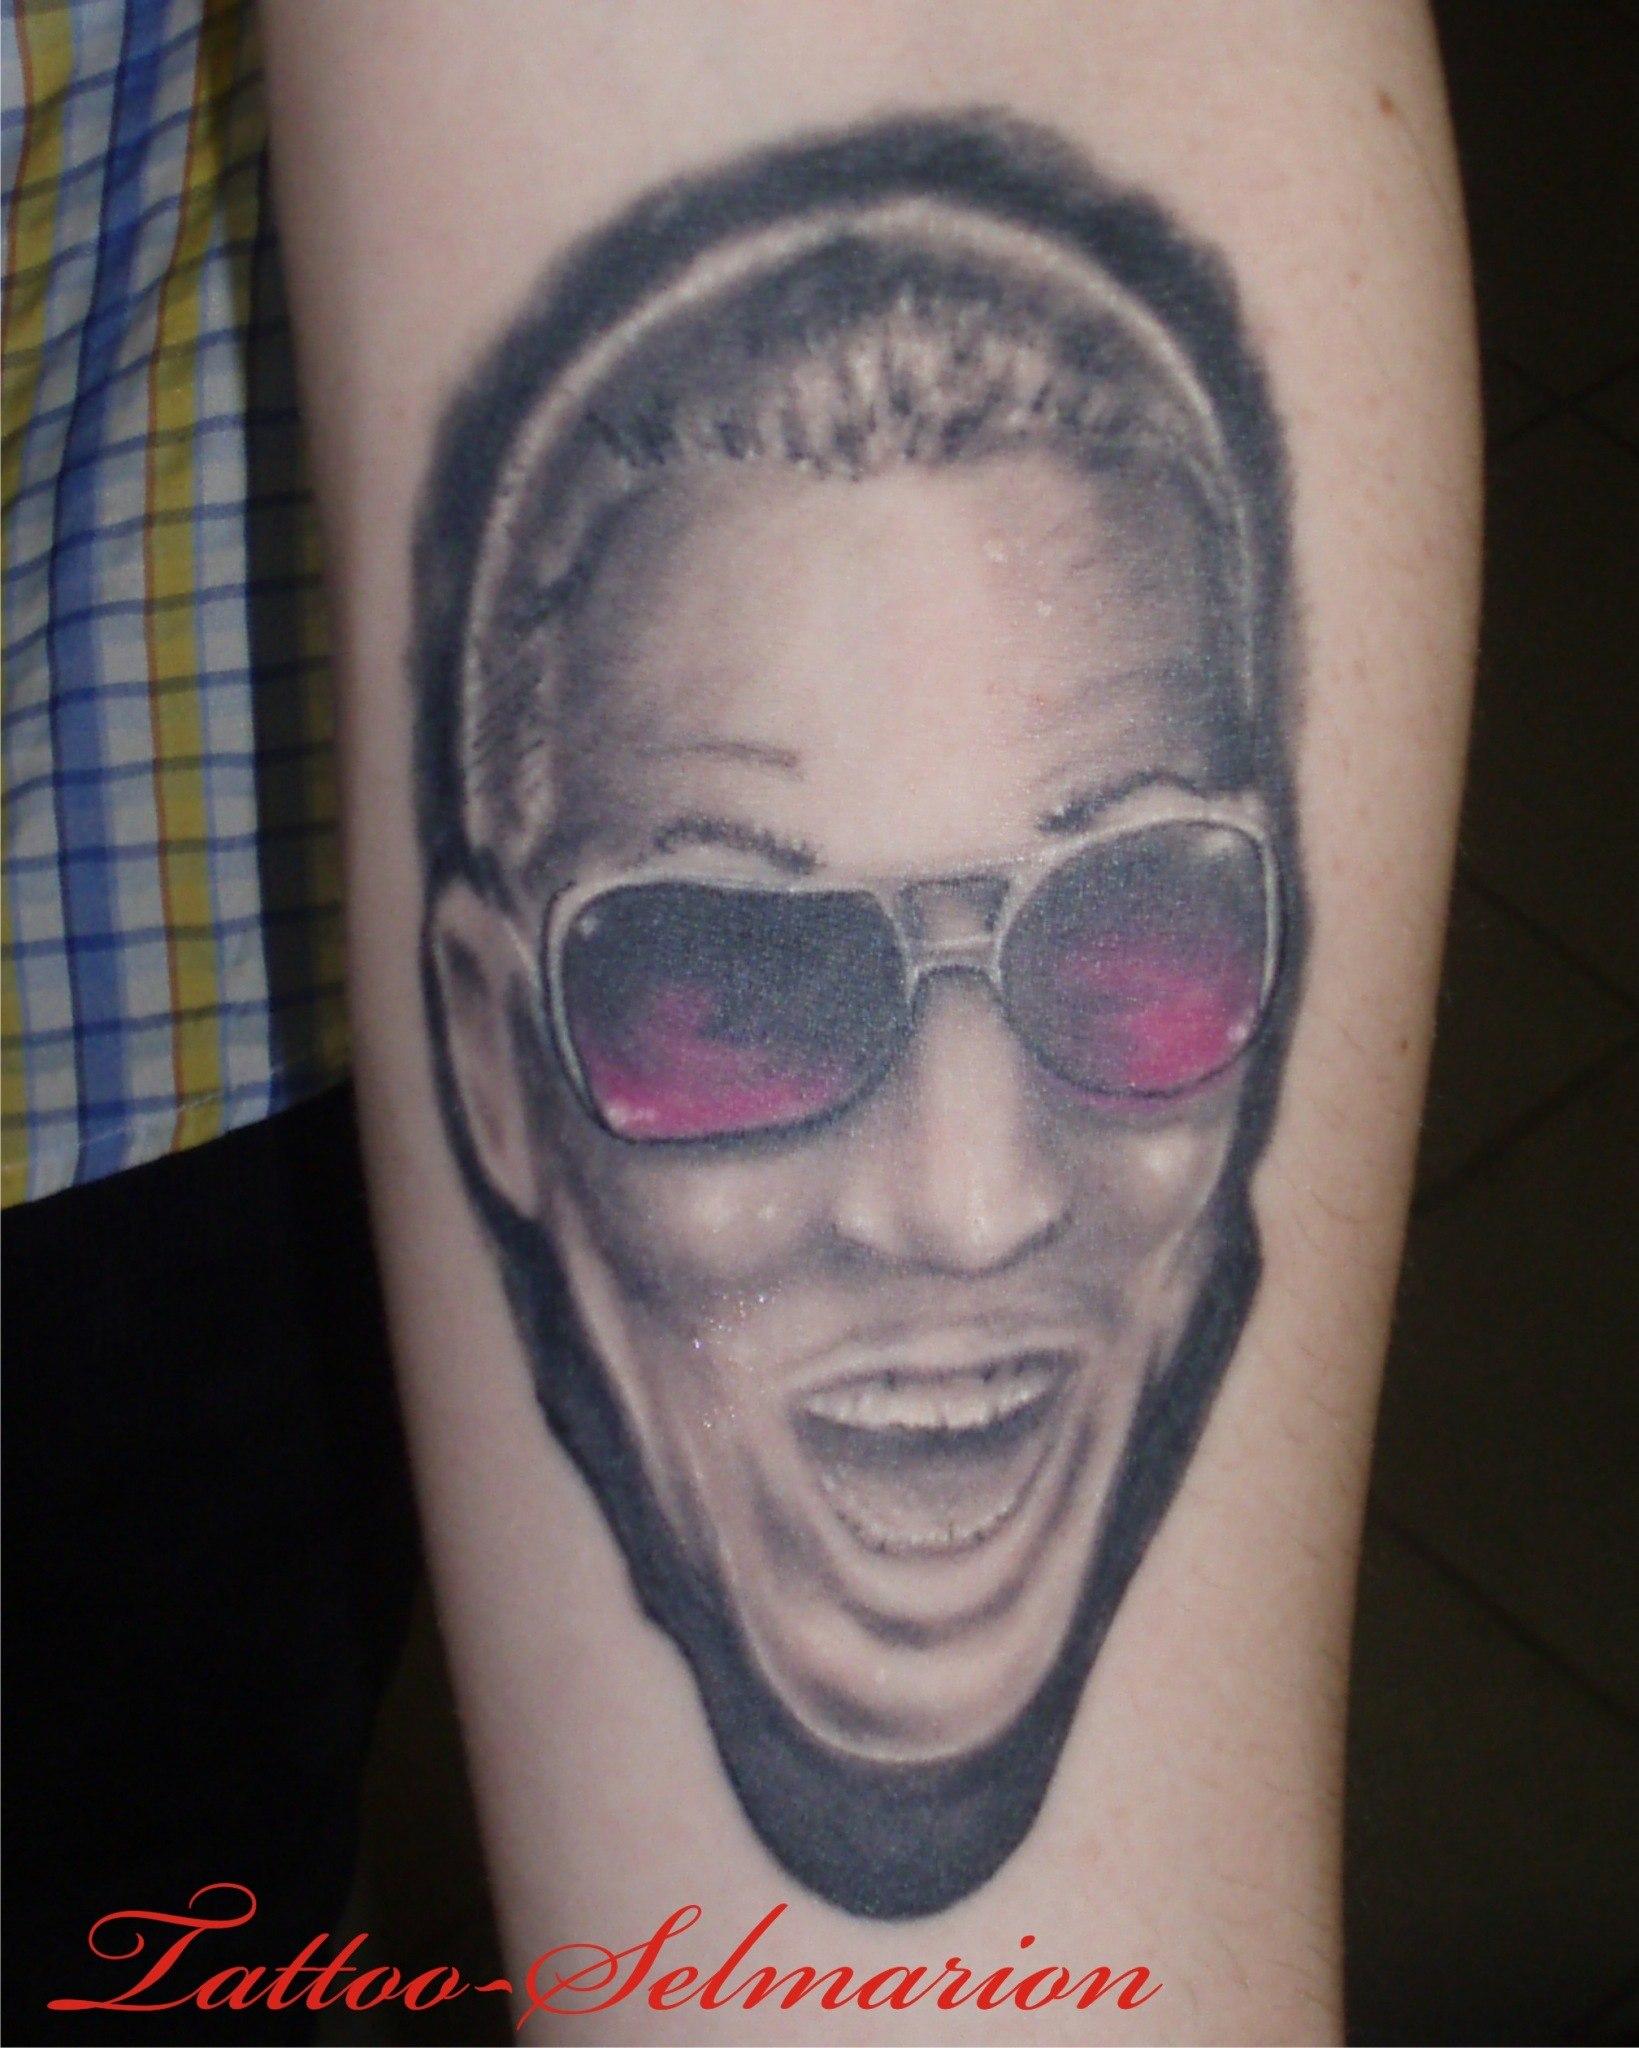 Татуировки у женщин девушек в интимных местах 14 фотография